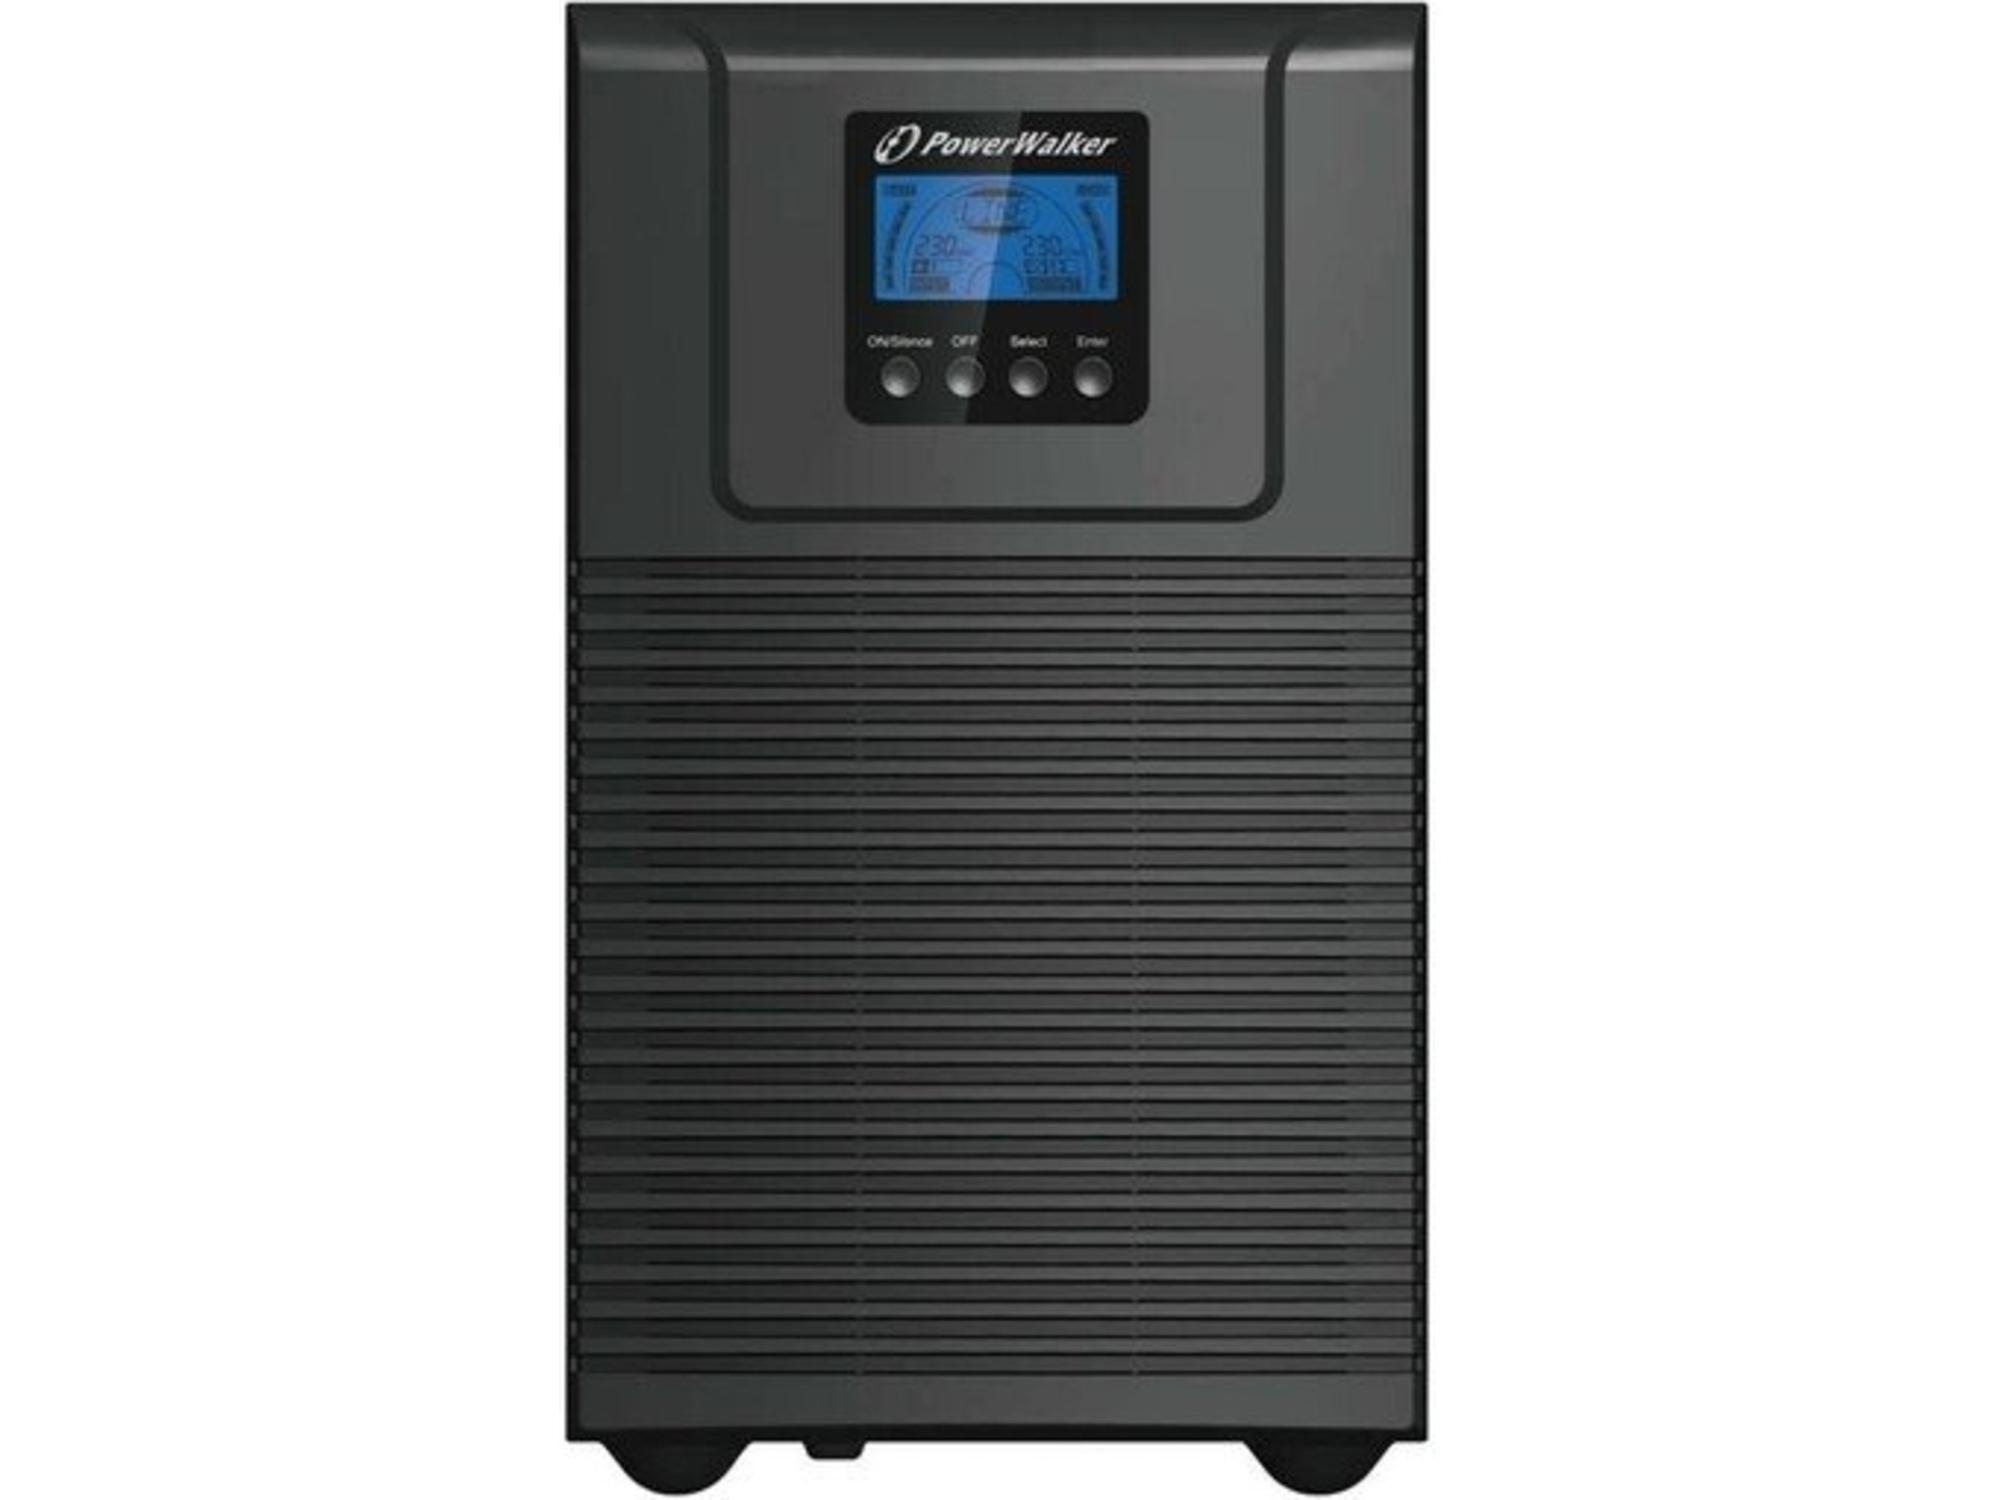 POWERWALKER Ups brezprekinitveno napajanje VFI 2000 TG online - ODPRTA EMBALAŽA